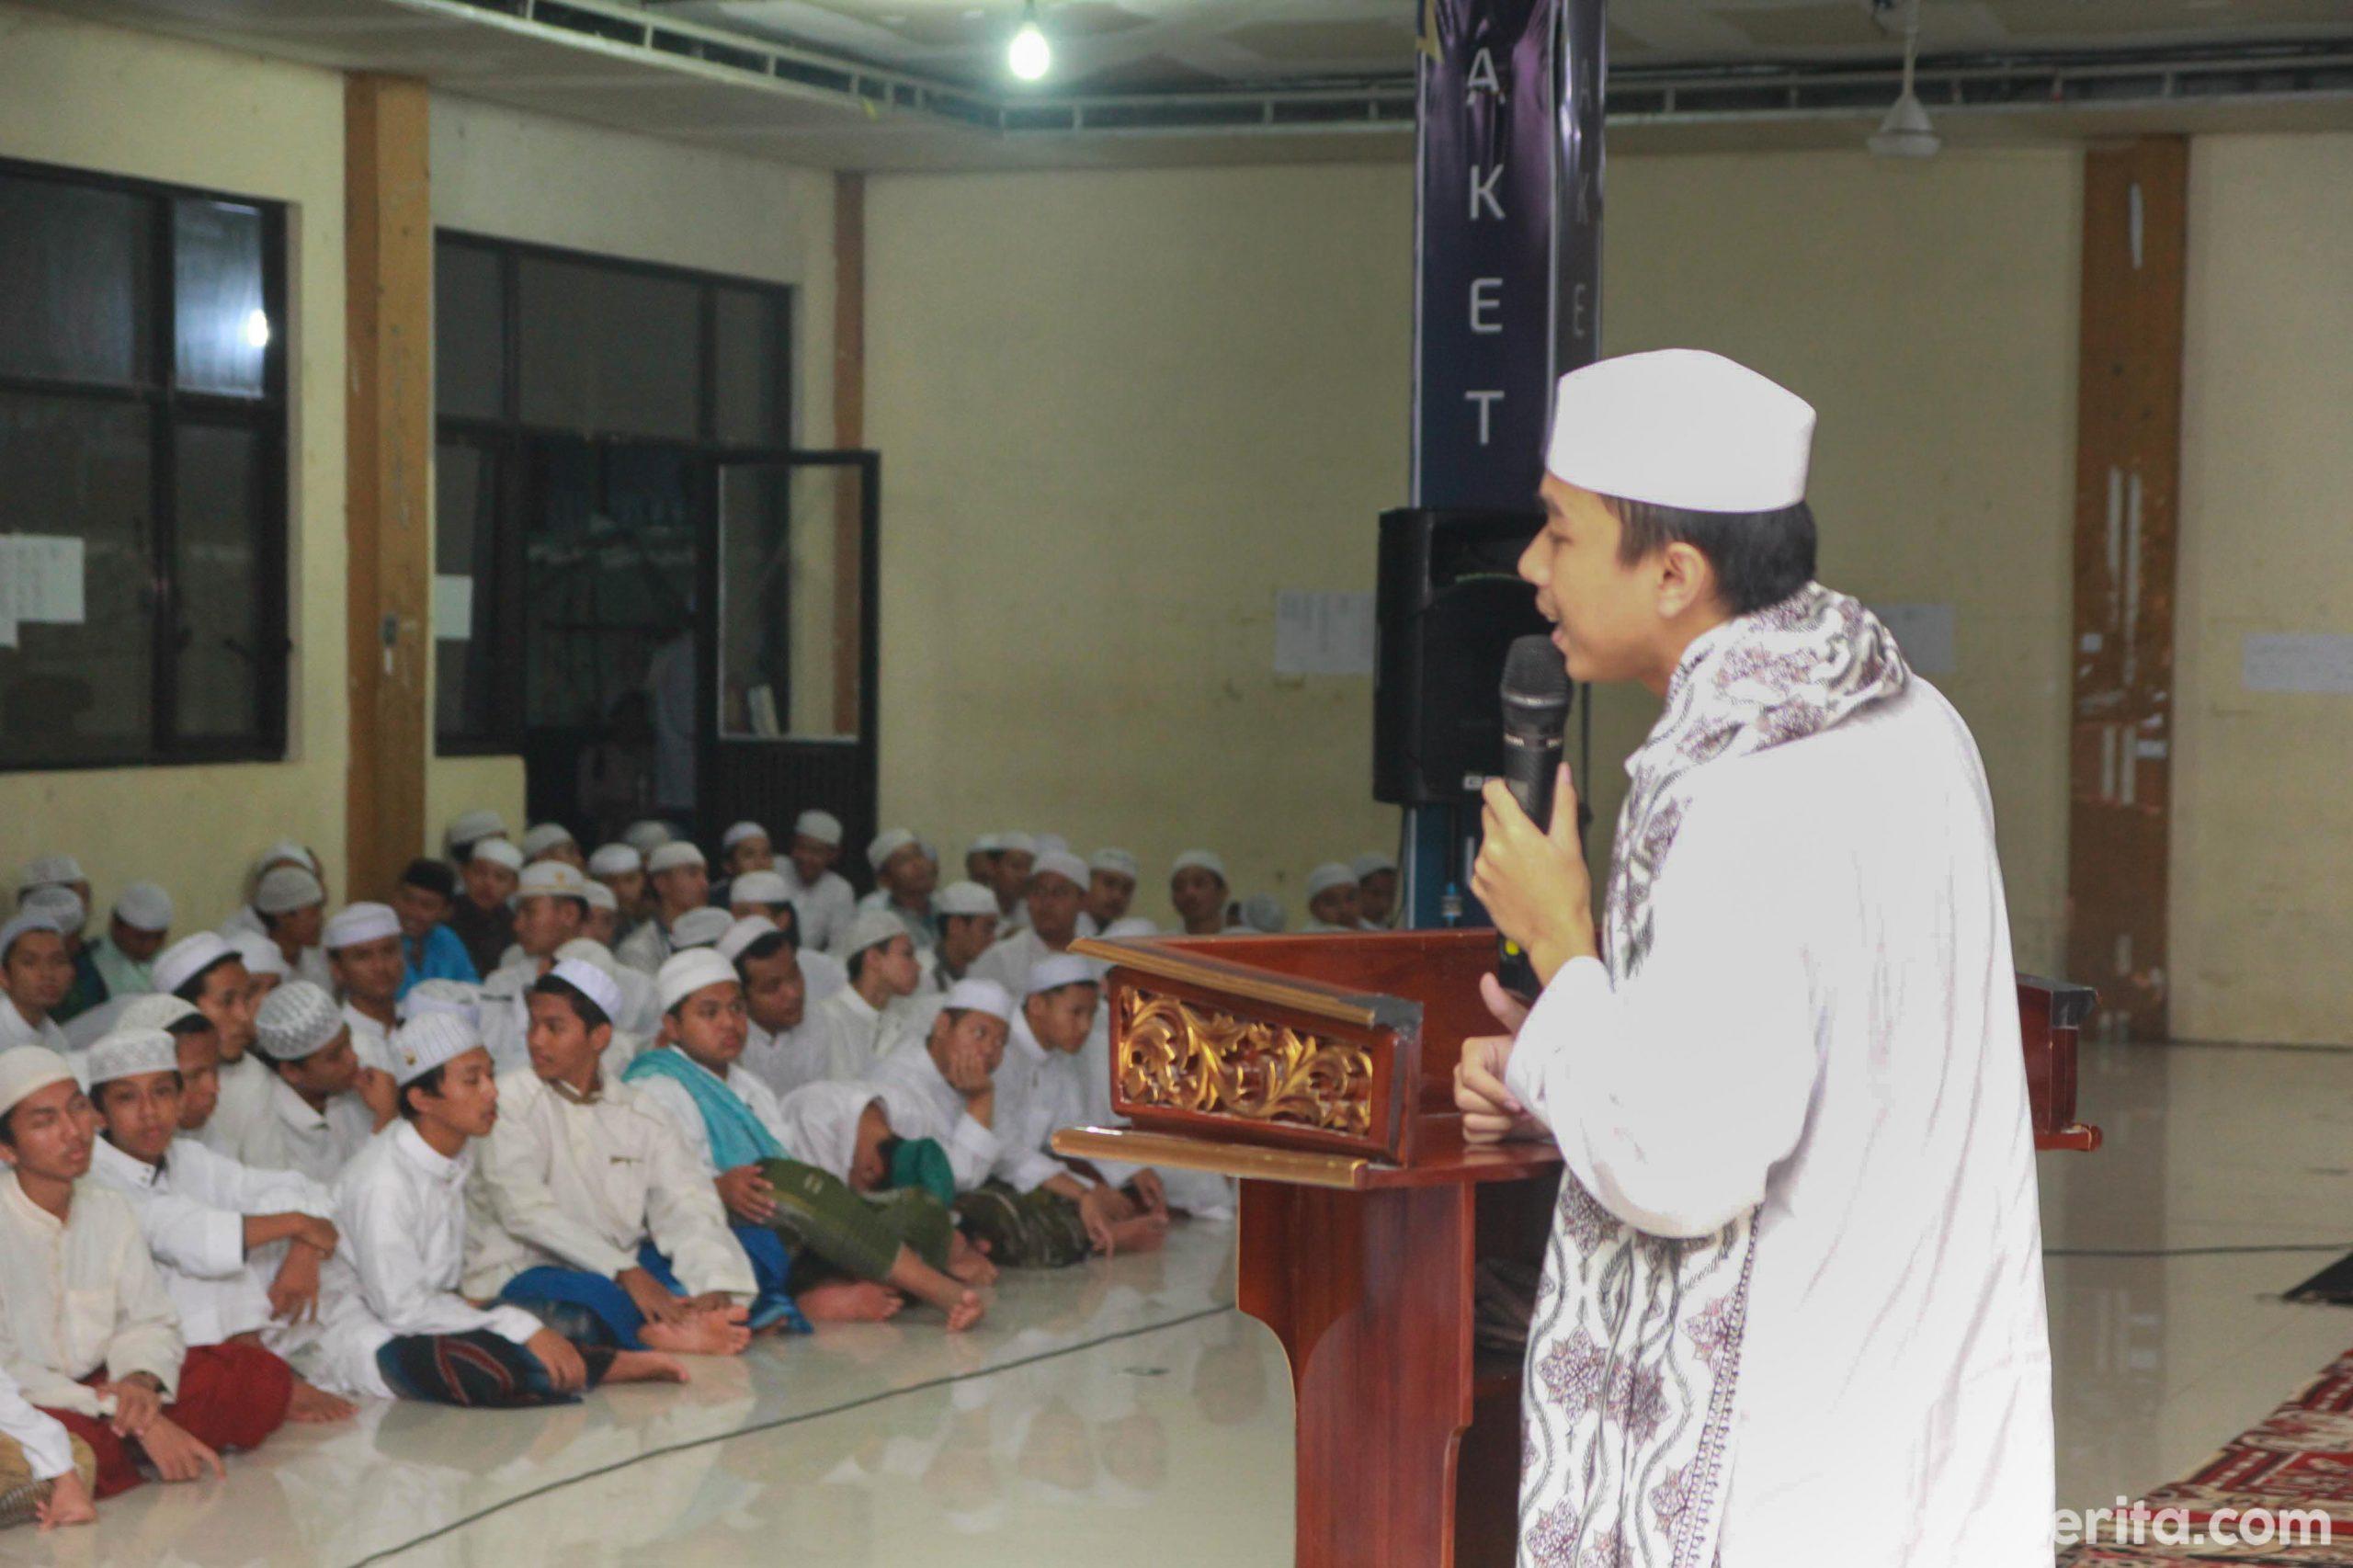 Pemilihan Ketua Ittihad Pasundan, Ajang Mempererat Persaudaraan Santri Jawa Barat-Banten